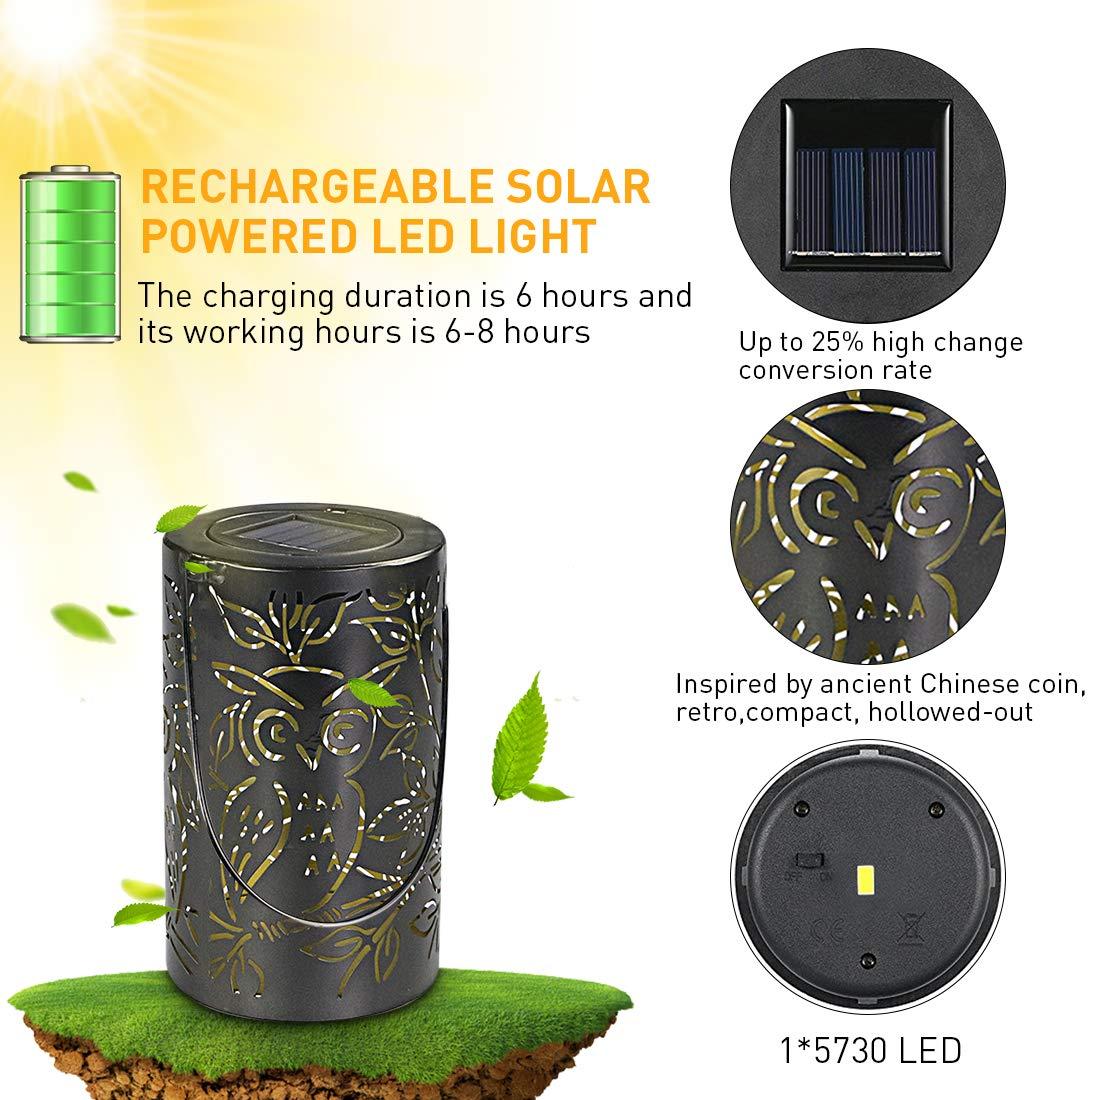 LED Solar Laterne Solarlaterne für außen,Retro Pendelleuchte mit Wiederaufladbaren IP44 Wasserdicht Eule Form für Garten Hof Terrasse Rasen Party Decor